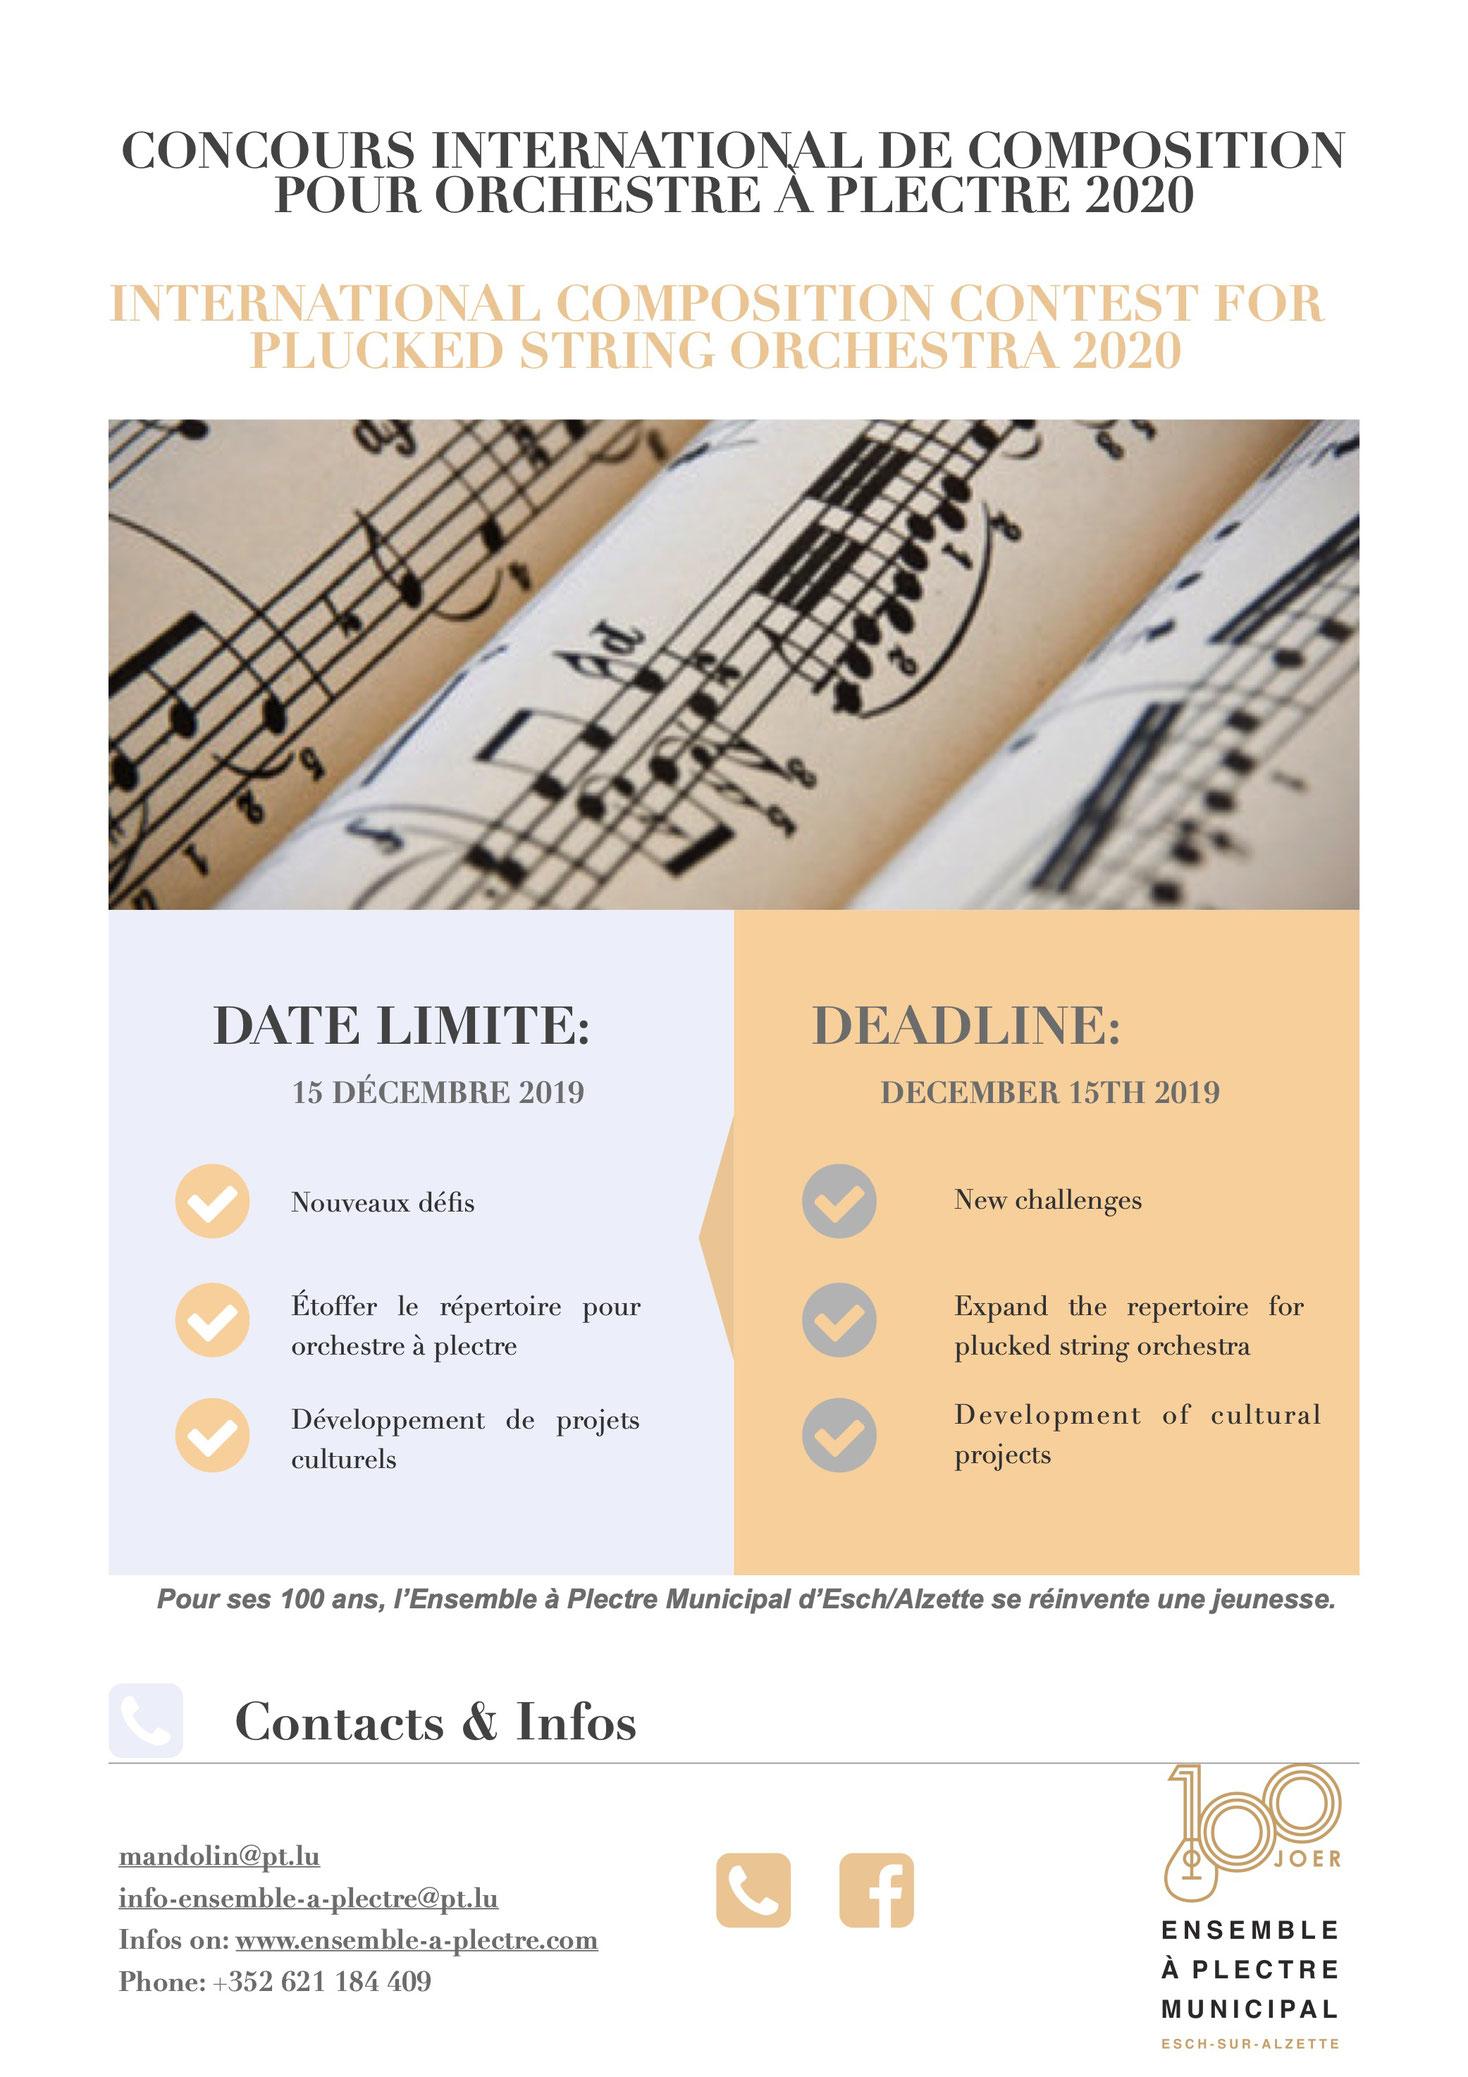 Concours International de Composition pour Orchestre à Plectre 2020